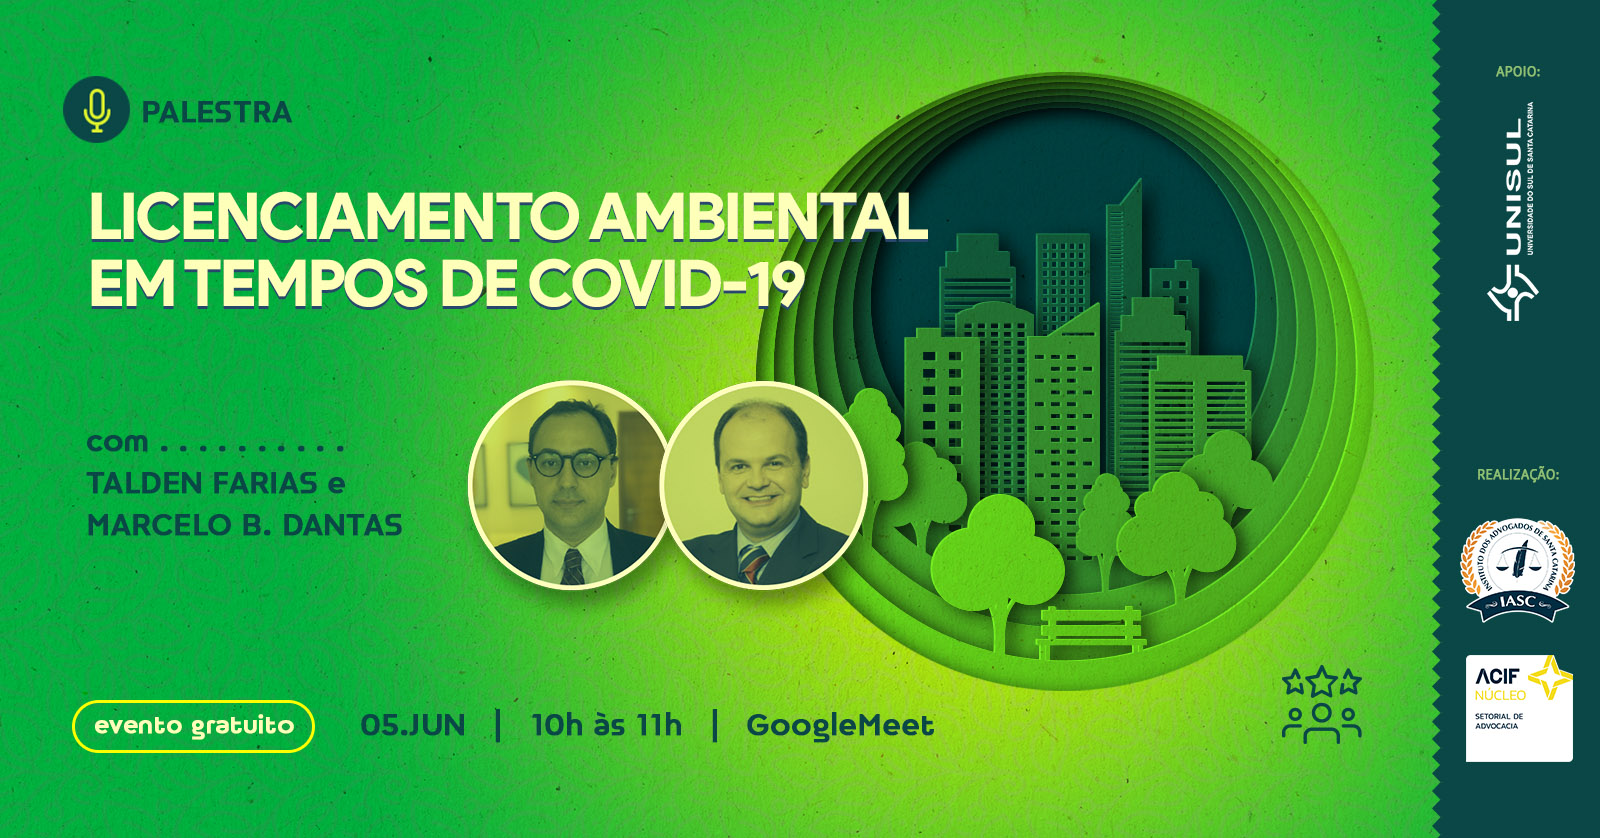 Licenciamento Ambiental em tempos de COVID-19